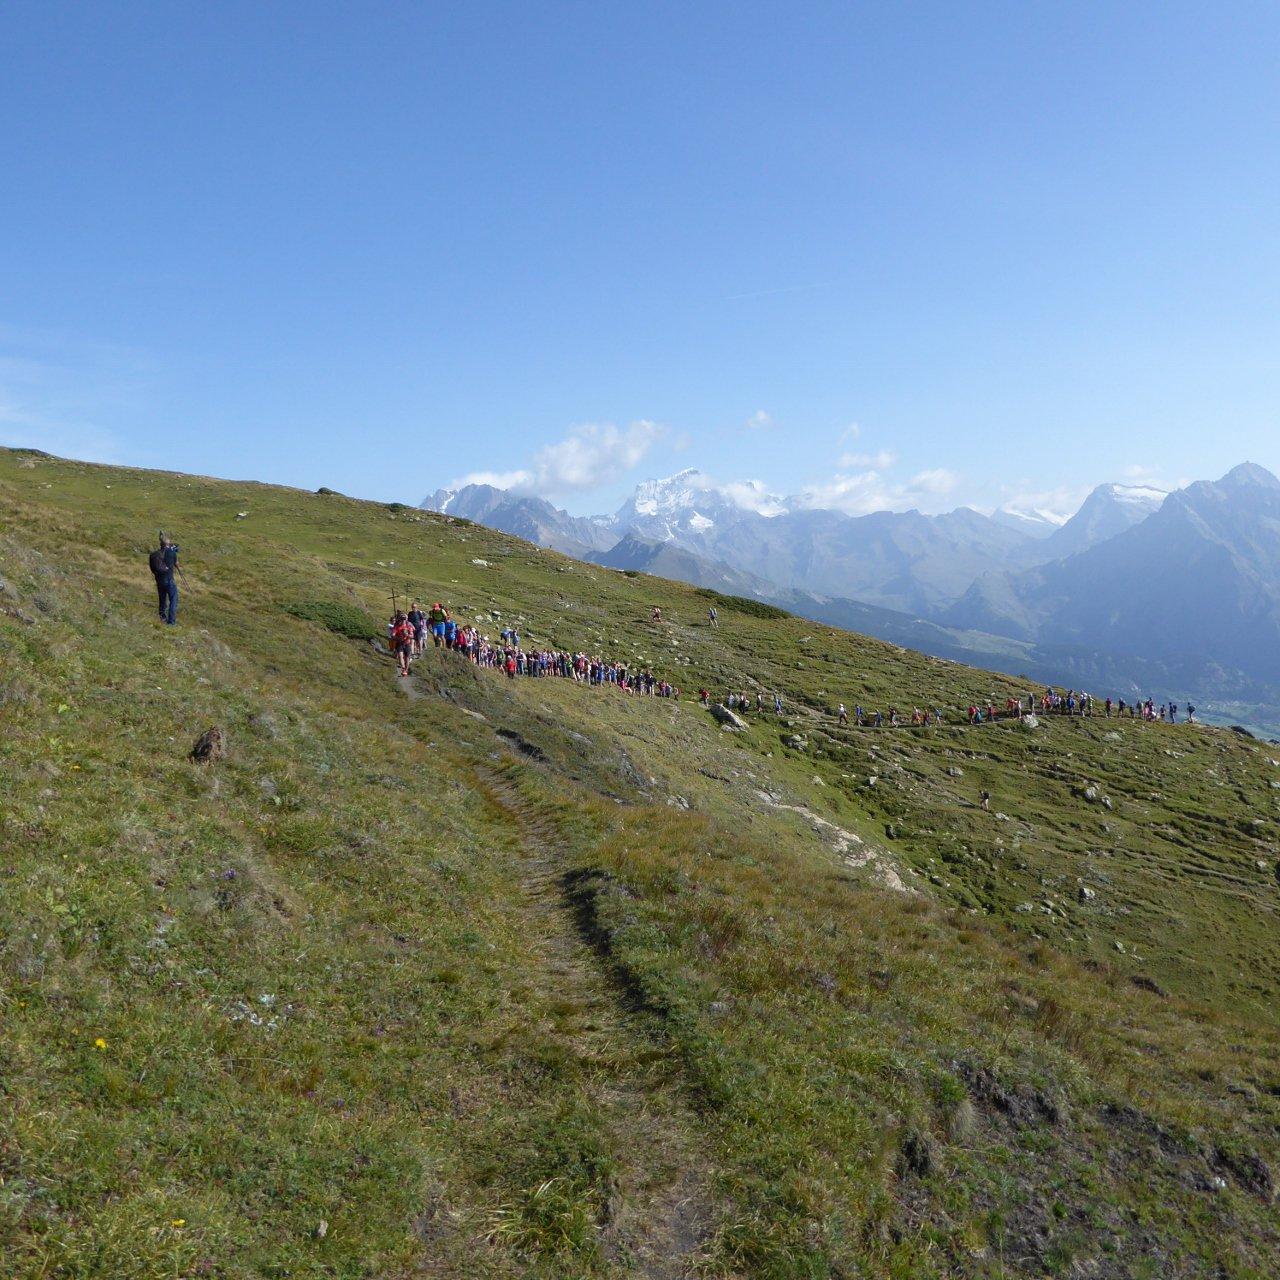 in salita, al punto di incontro con la processione che parte da Gignod, al cospetto di grandi panorami...